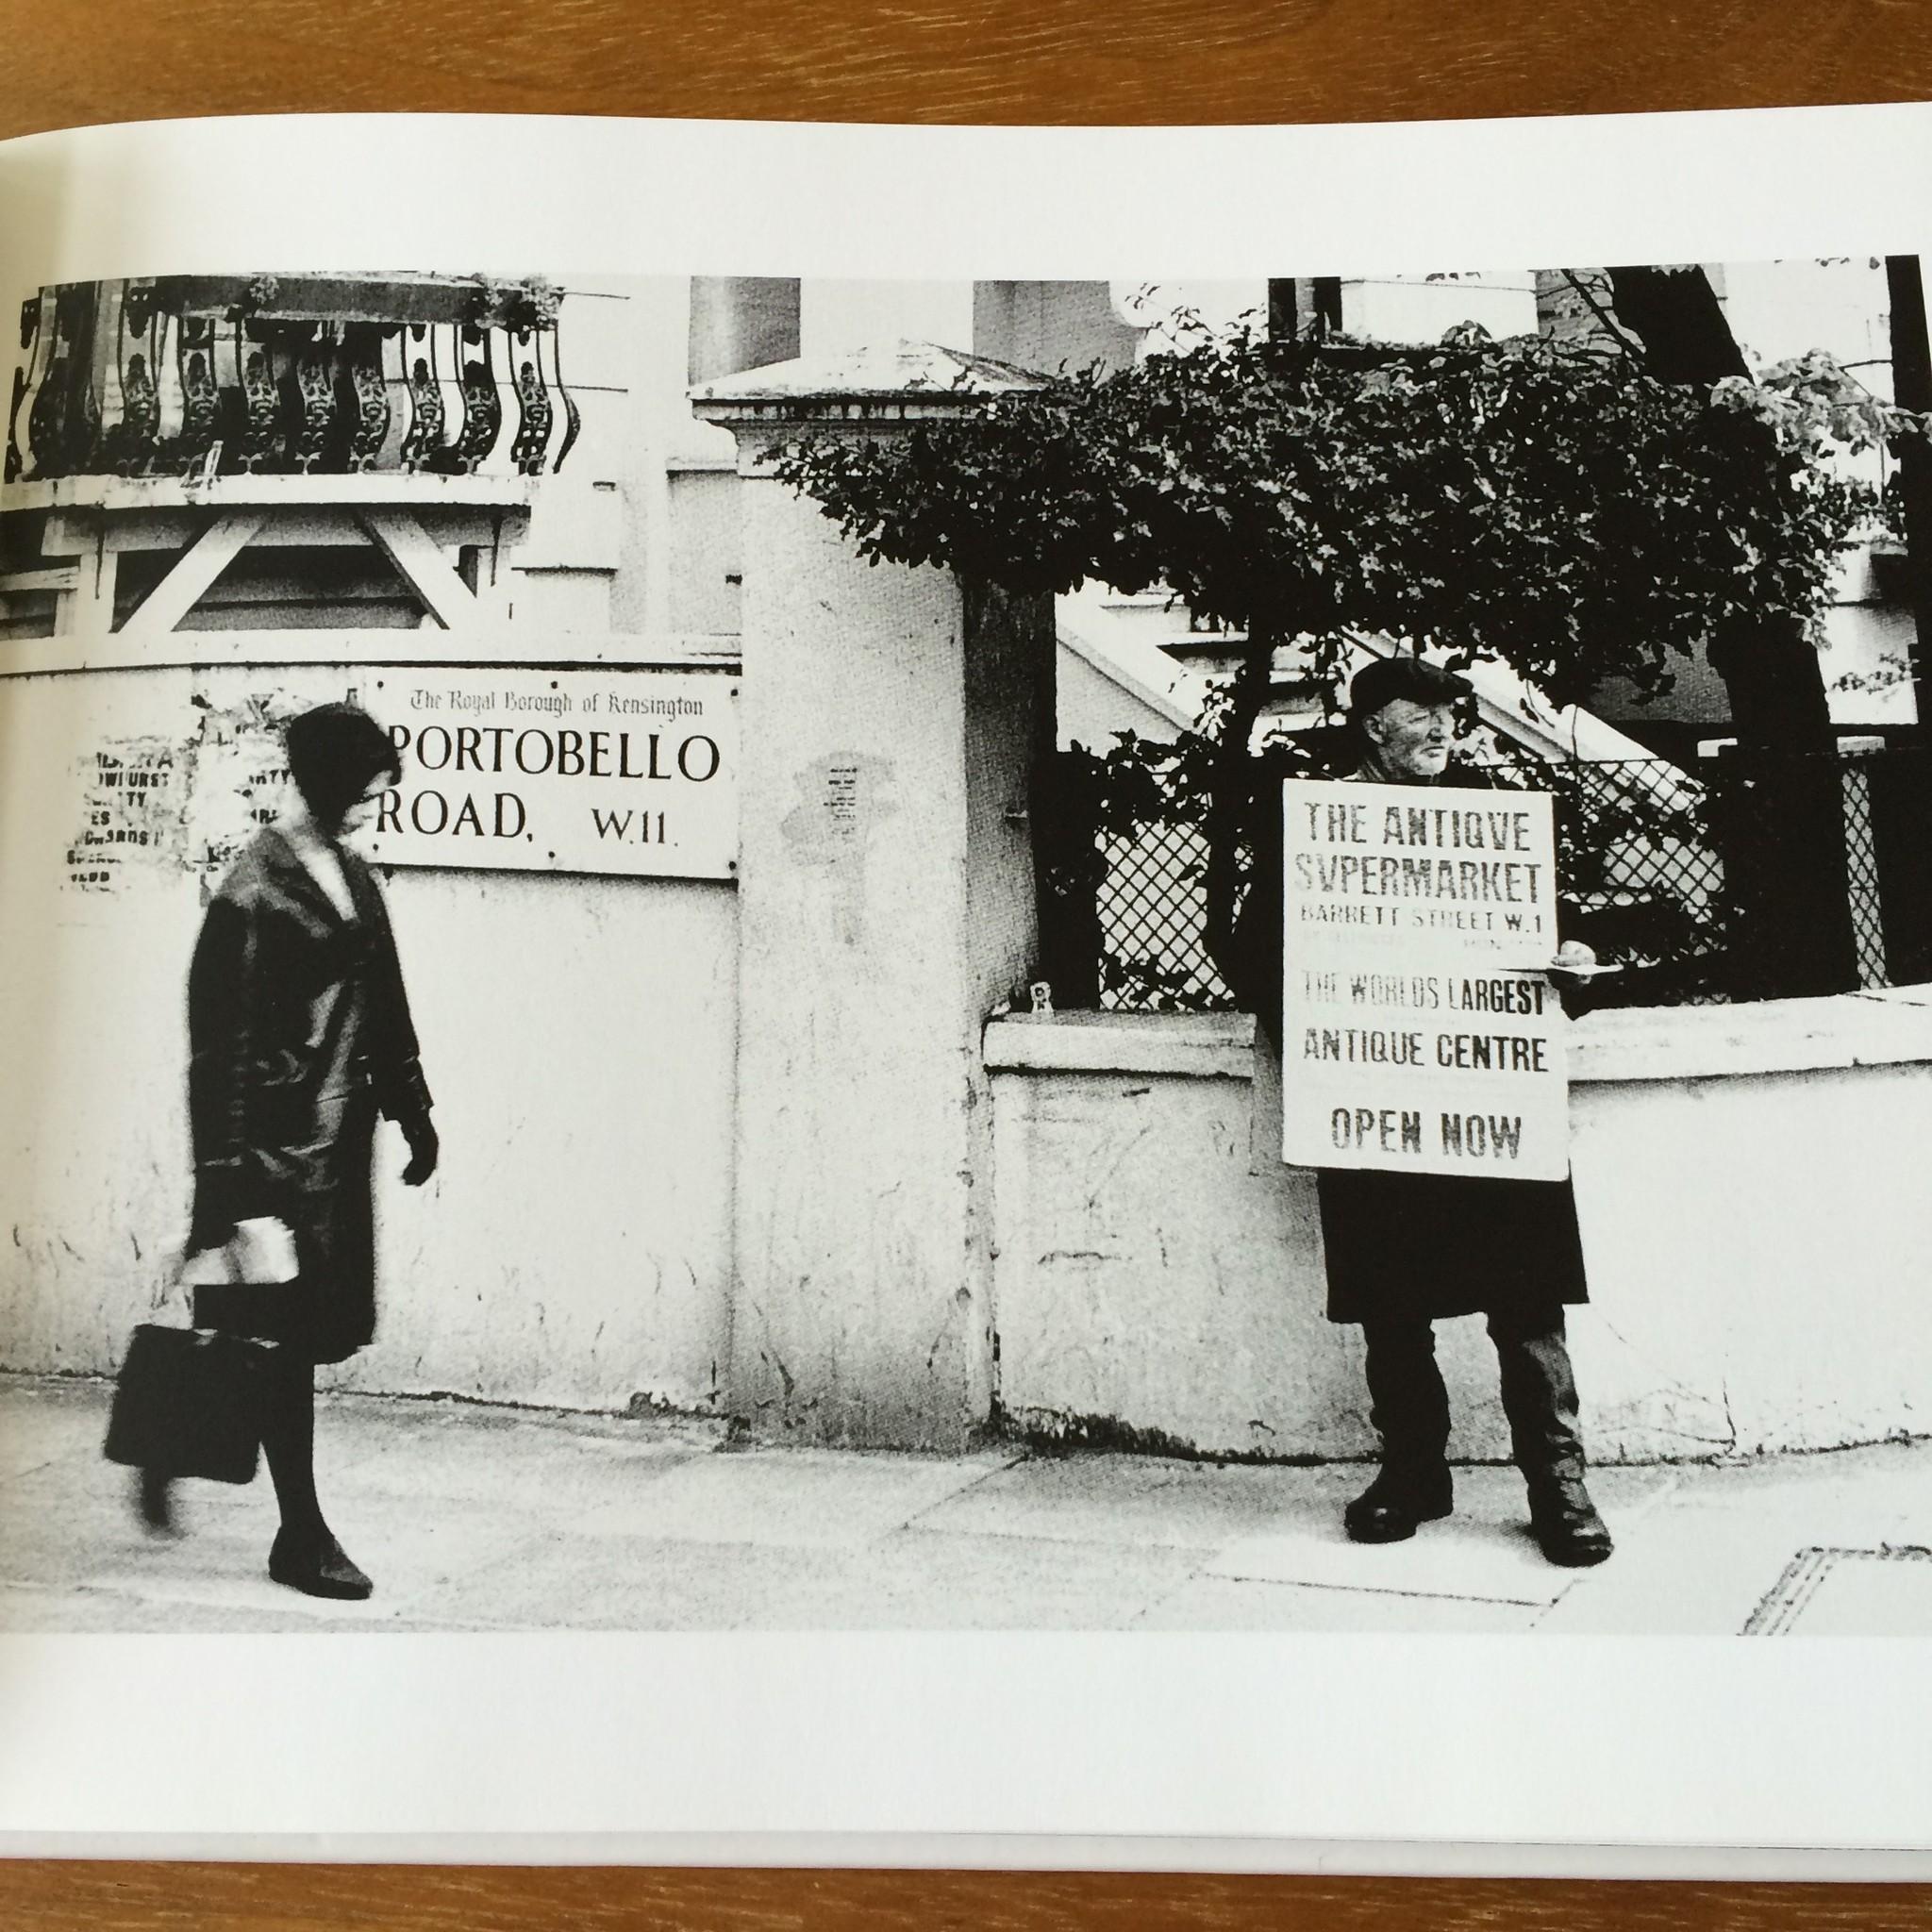 60年代のポートベロー・マーケットを捉えたファッションにも注目の一冊。